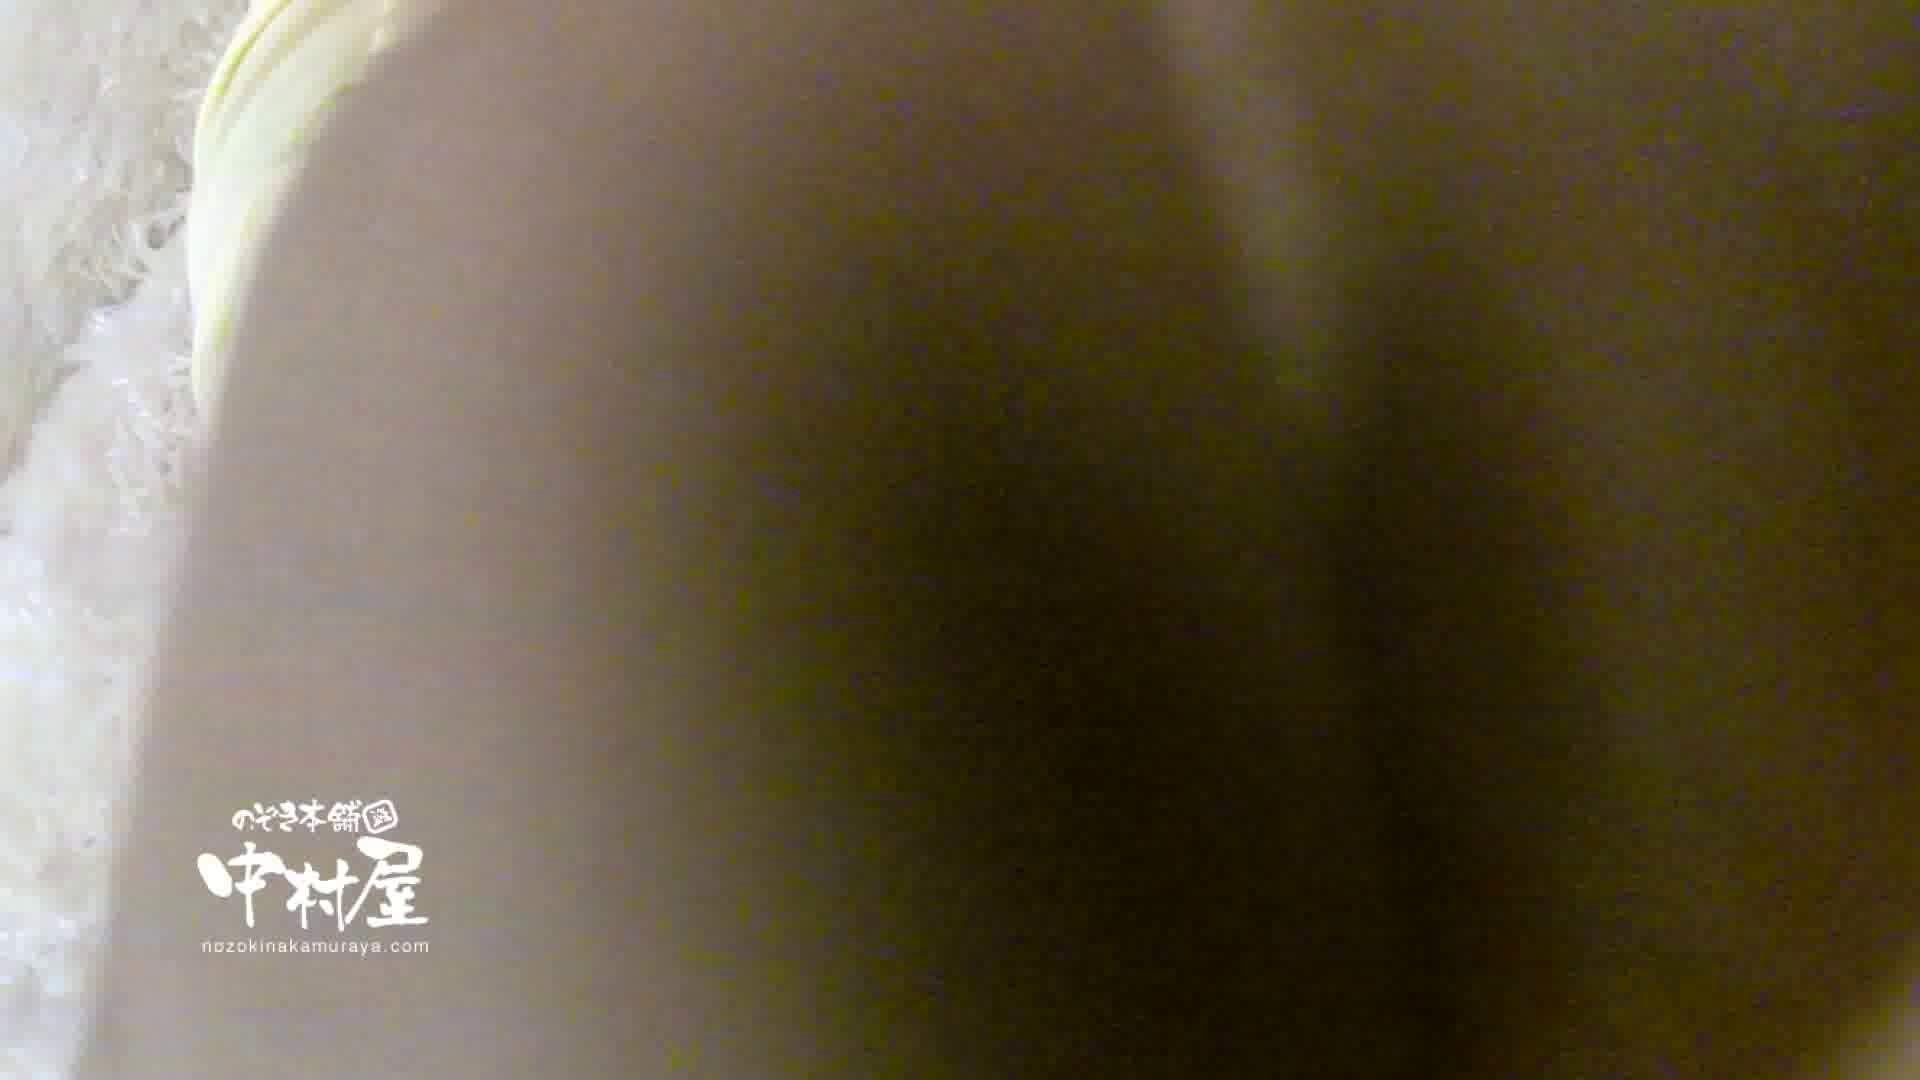 鬼畜 vol.17 中に出さないでください(アニメ声で懇願) 前編 鬼畜 | エロティックなOL  77画像 52